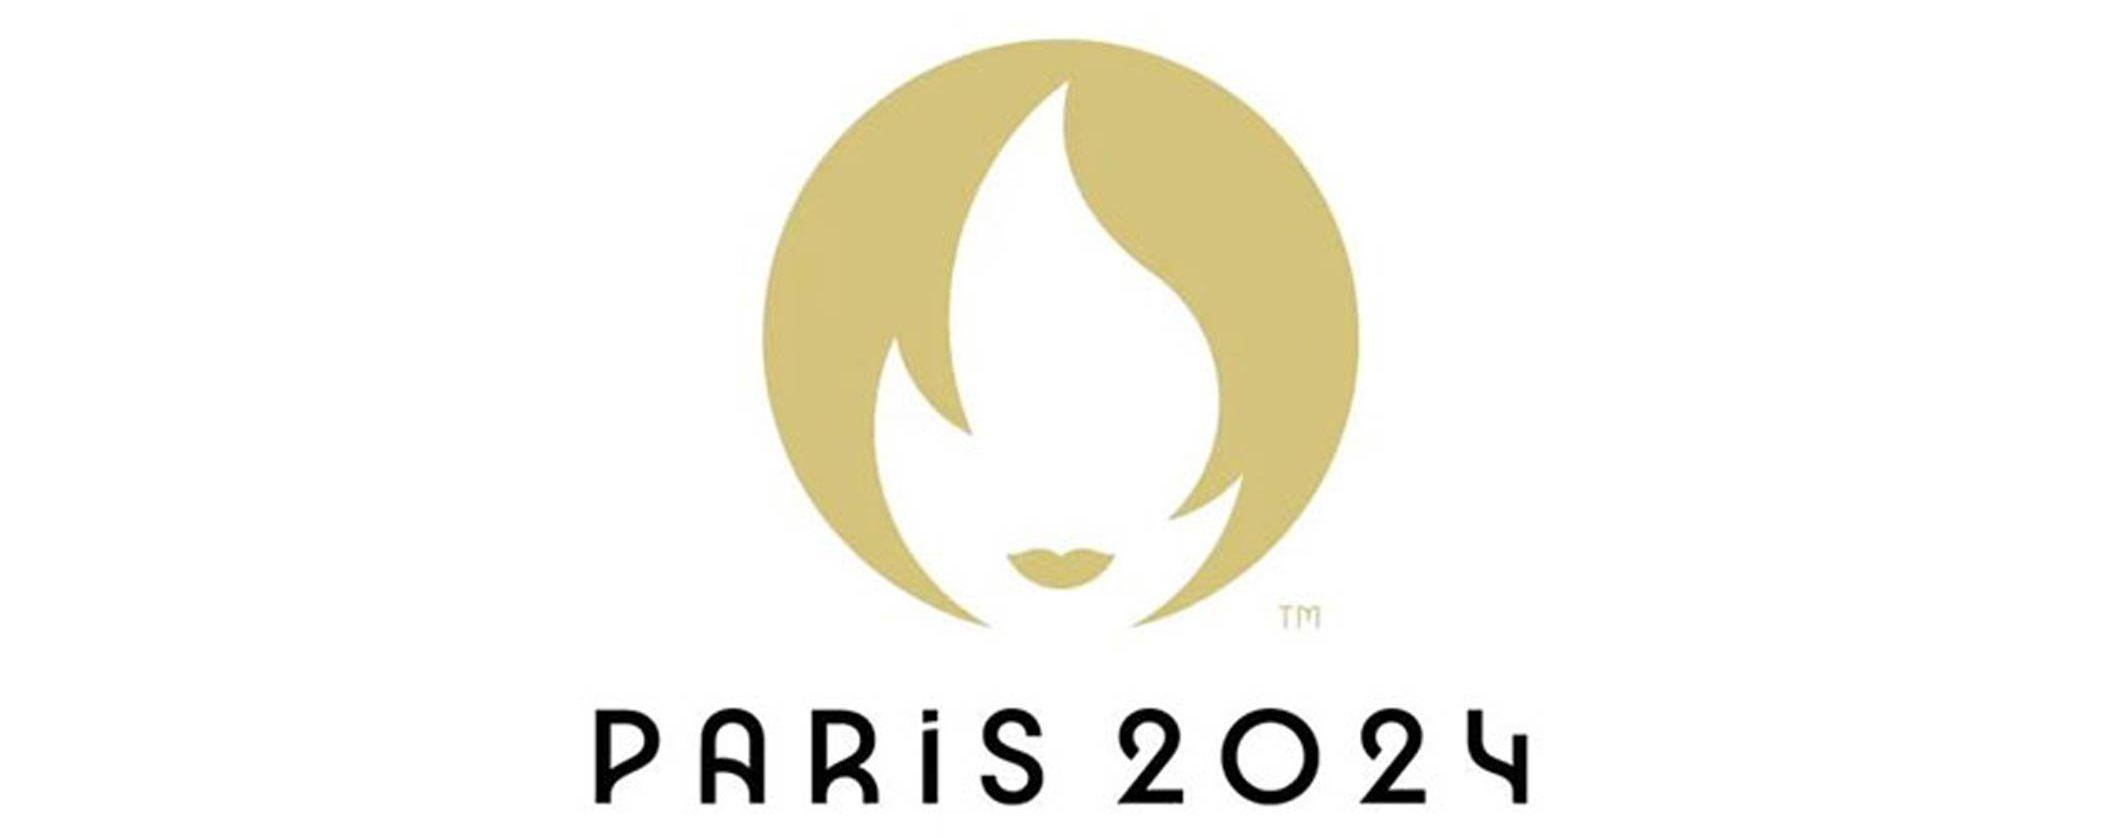 Олімпійські зміни: на Олімпіаді-2024 будуть брейк-данс, скейтбординг та гендерна рівність